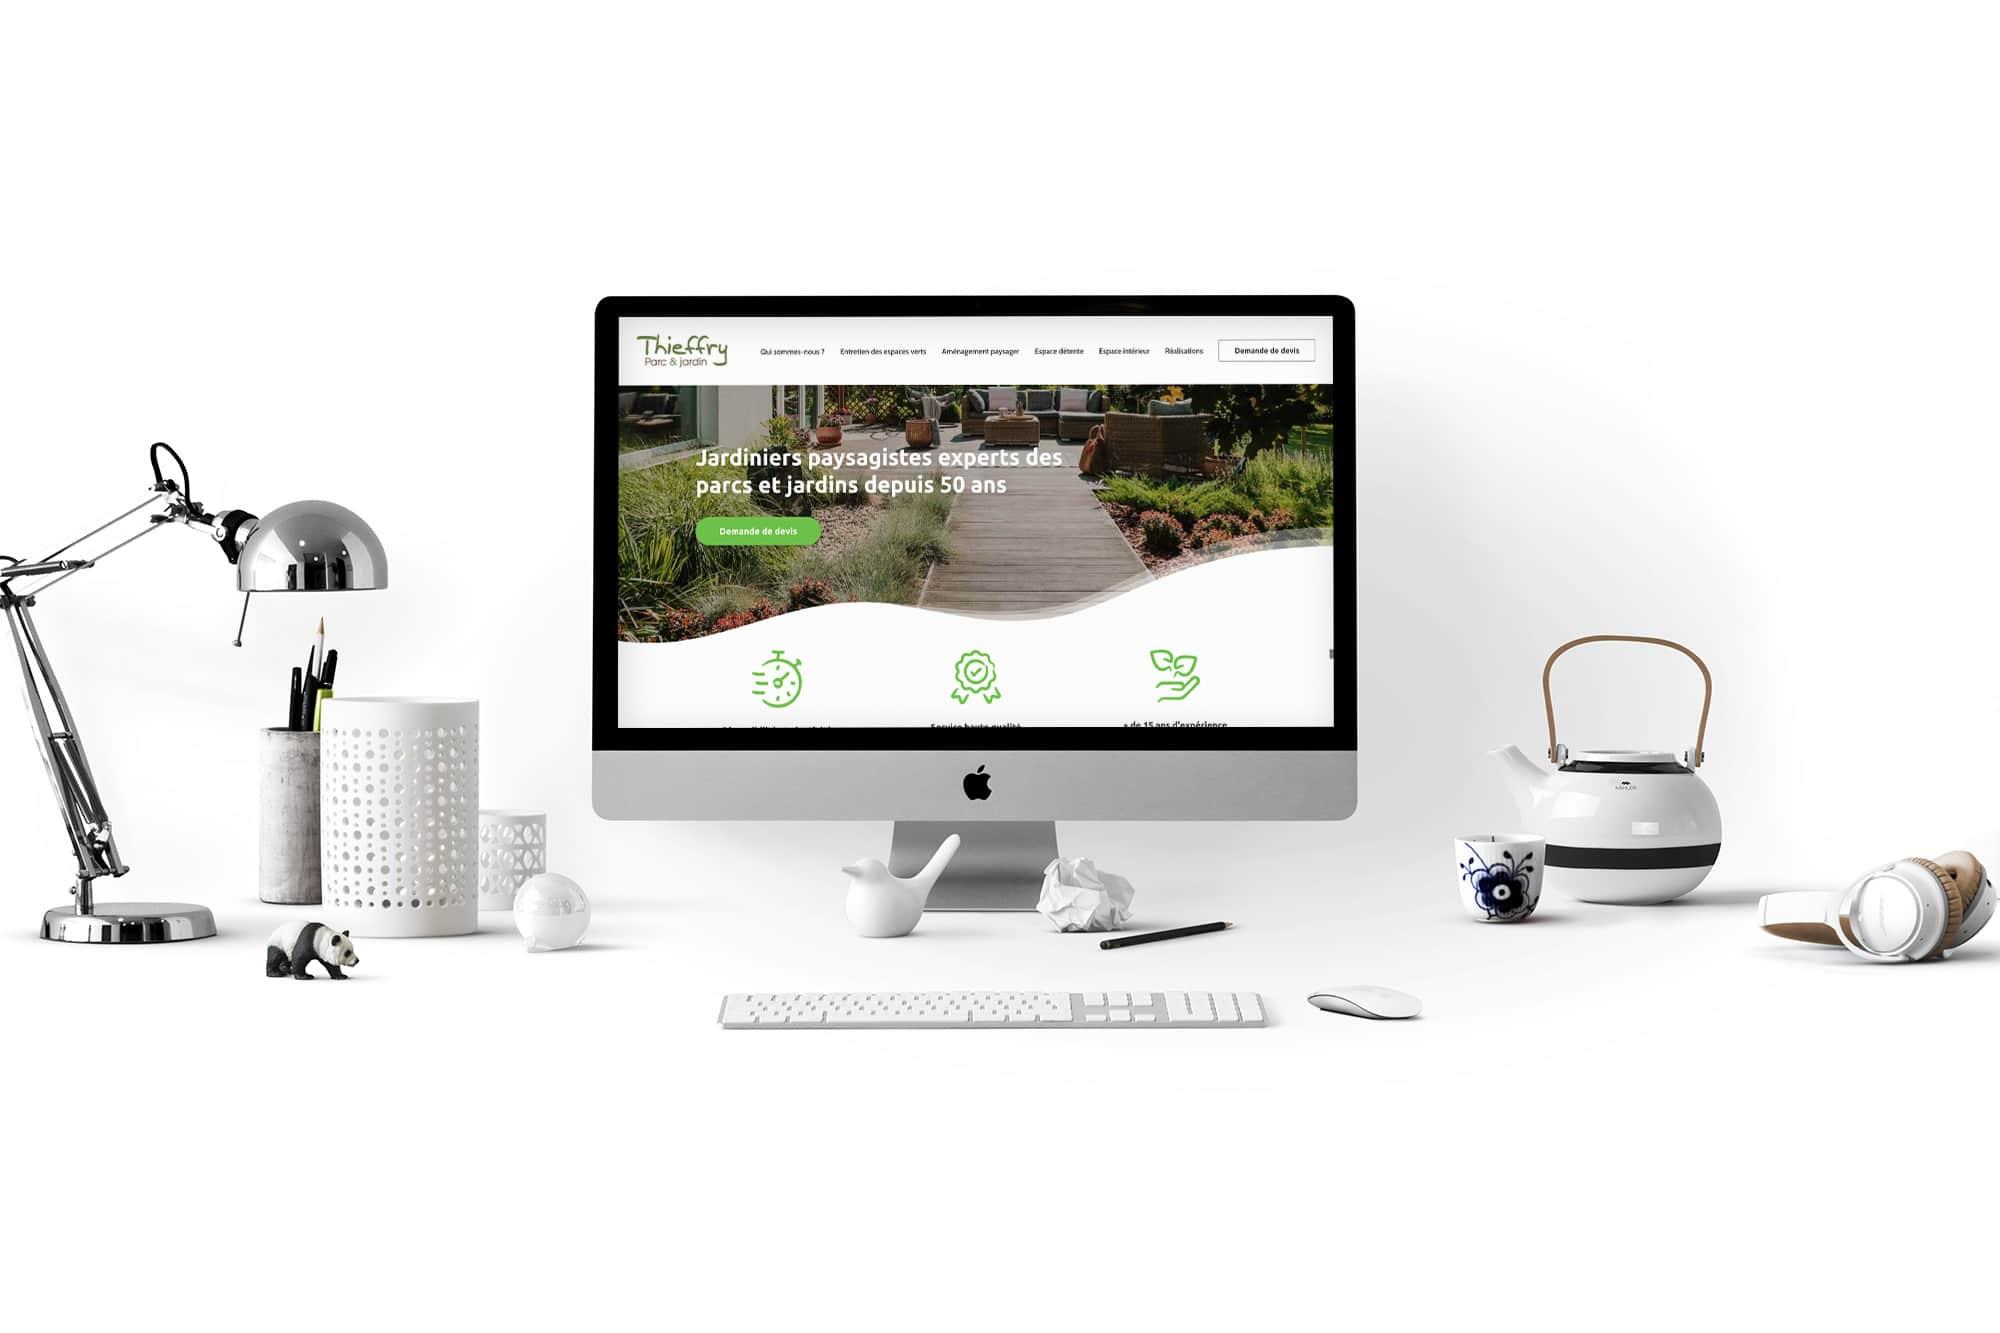 desktop thieffry parc et jardin